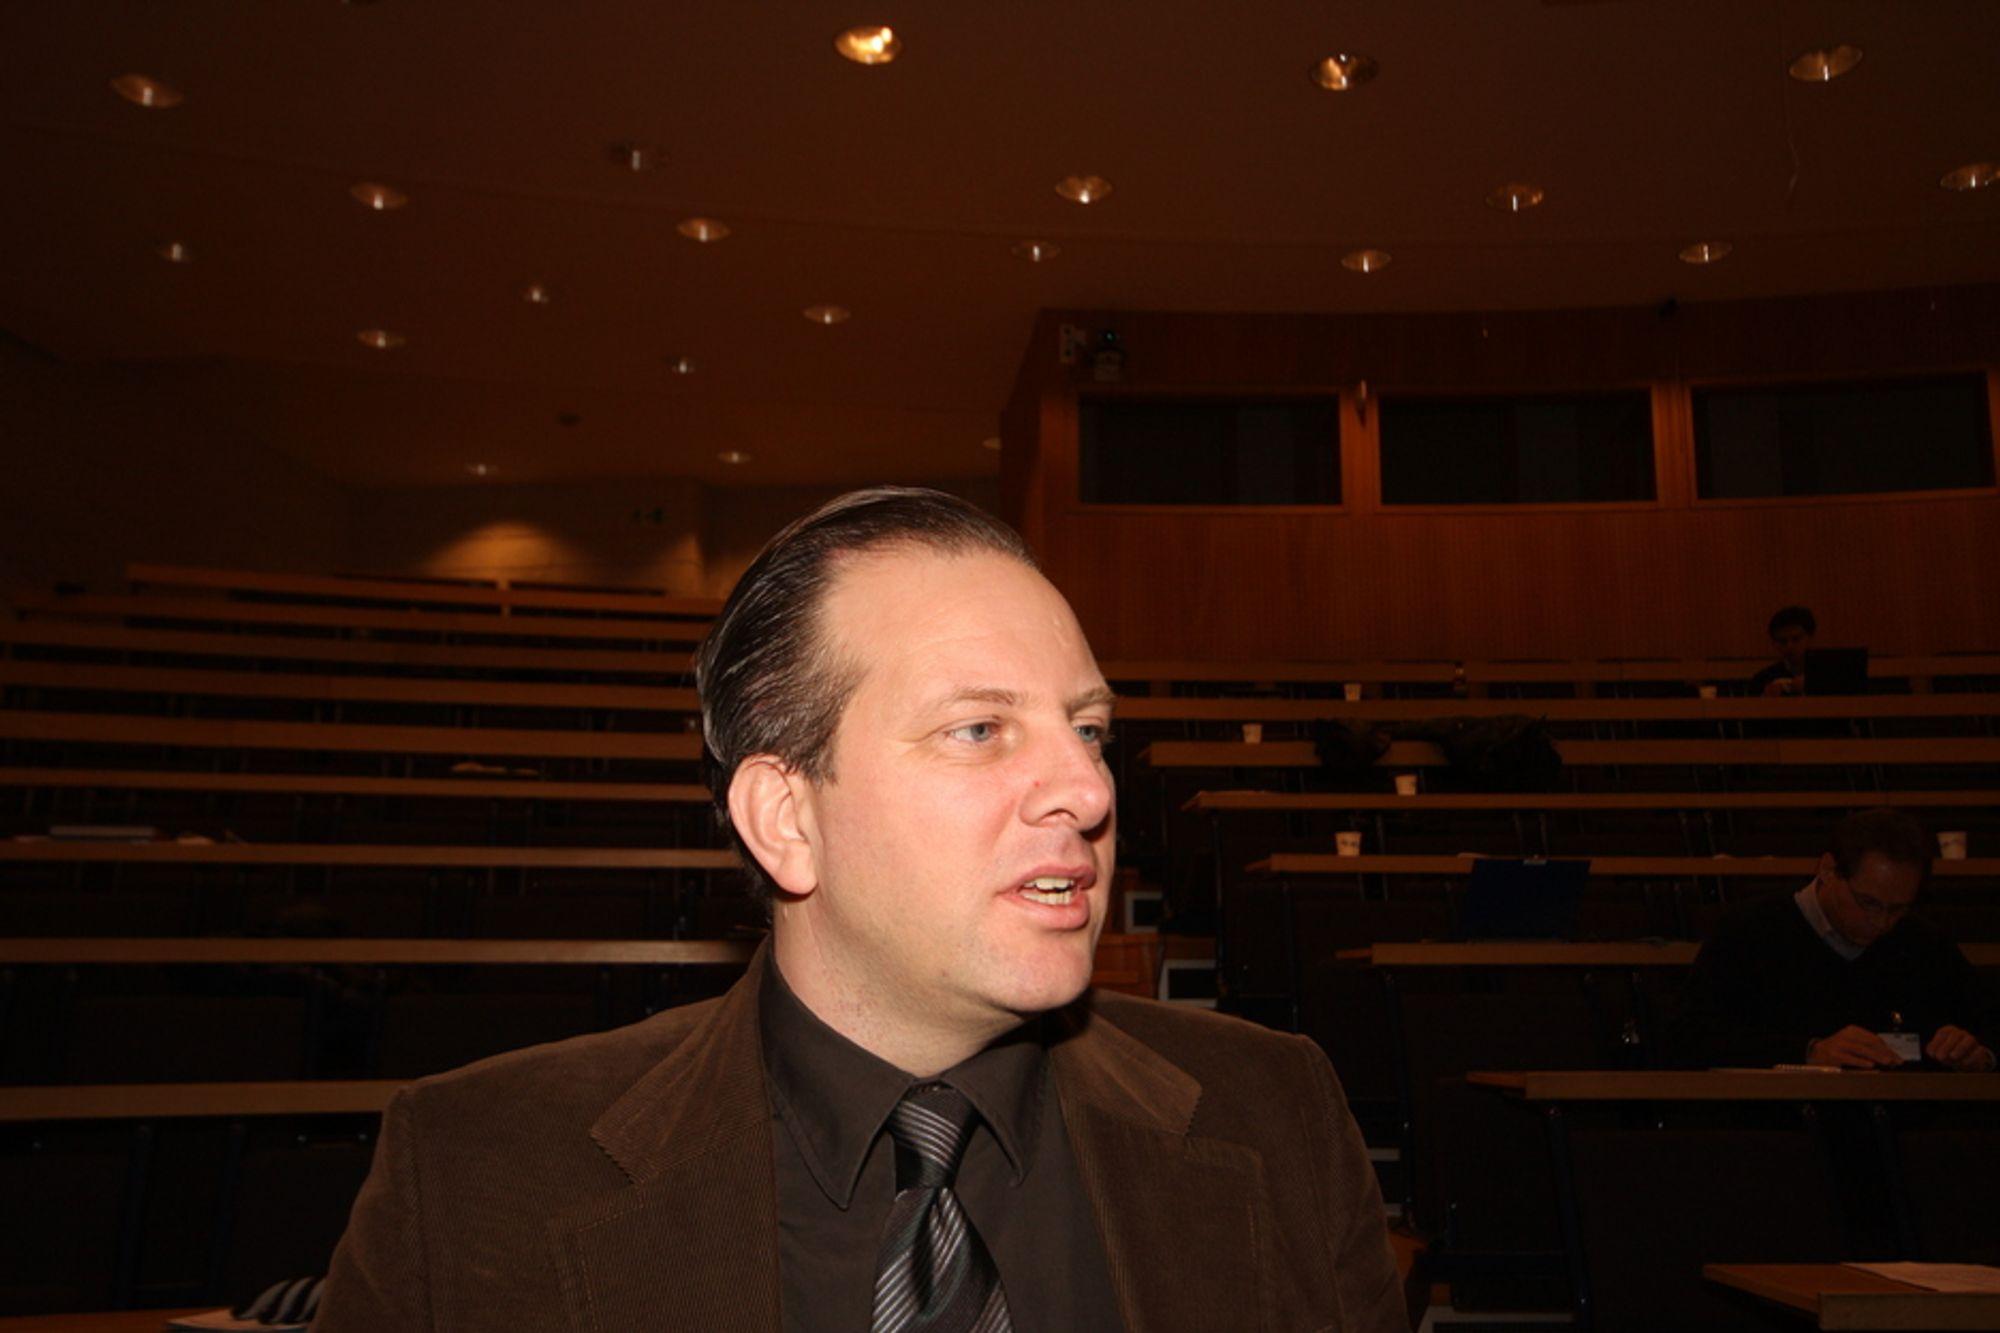 UTÅLMODIGE: Frekvensekspert Jarl K. Fjerdingby vet at telekomselskapene er utålomodige, men kan ikke garantere at frekvensauksjonen blir holdt før nyttår.